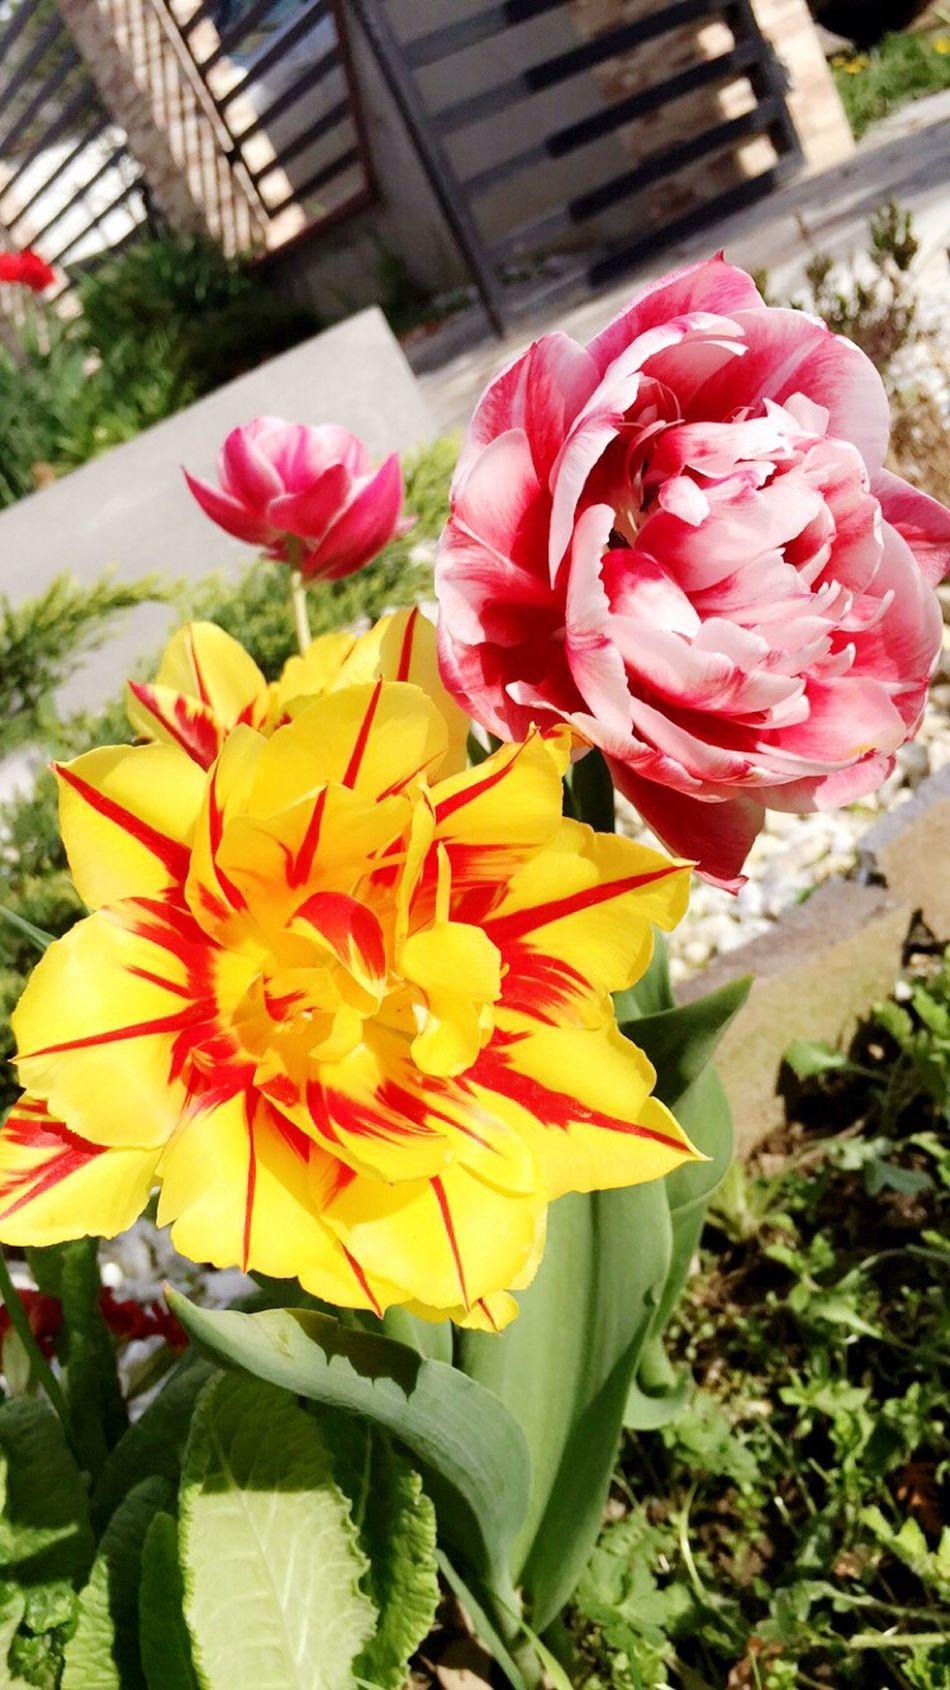 Flowers Spring Spring Flowers OpenEdit Nature Adinafrasinphotography Enjoying Life Sunflowers Outdoors 🌷💐💞